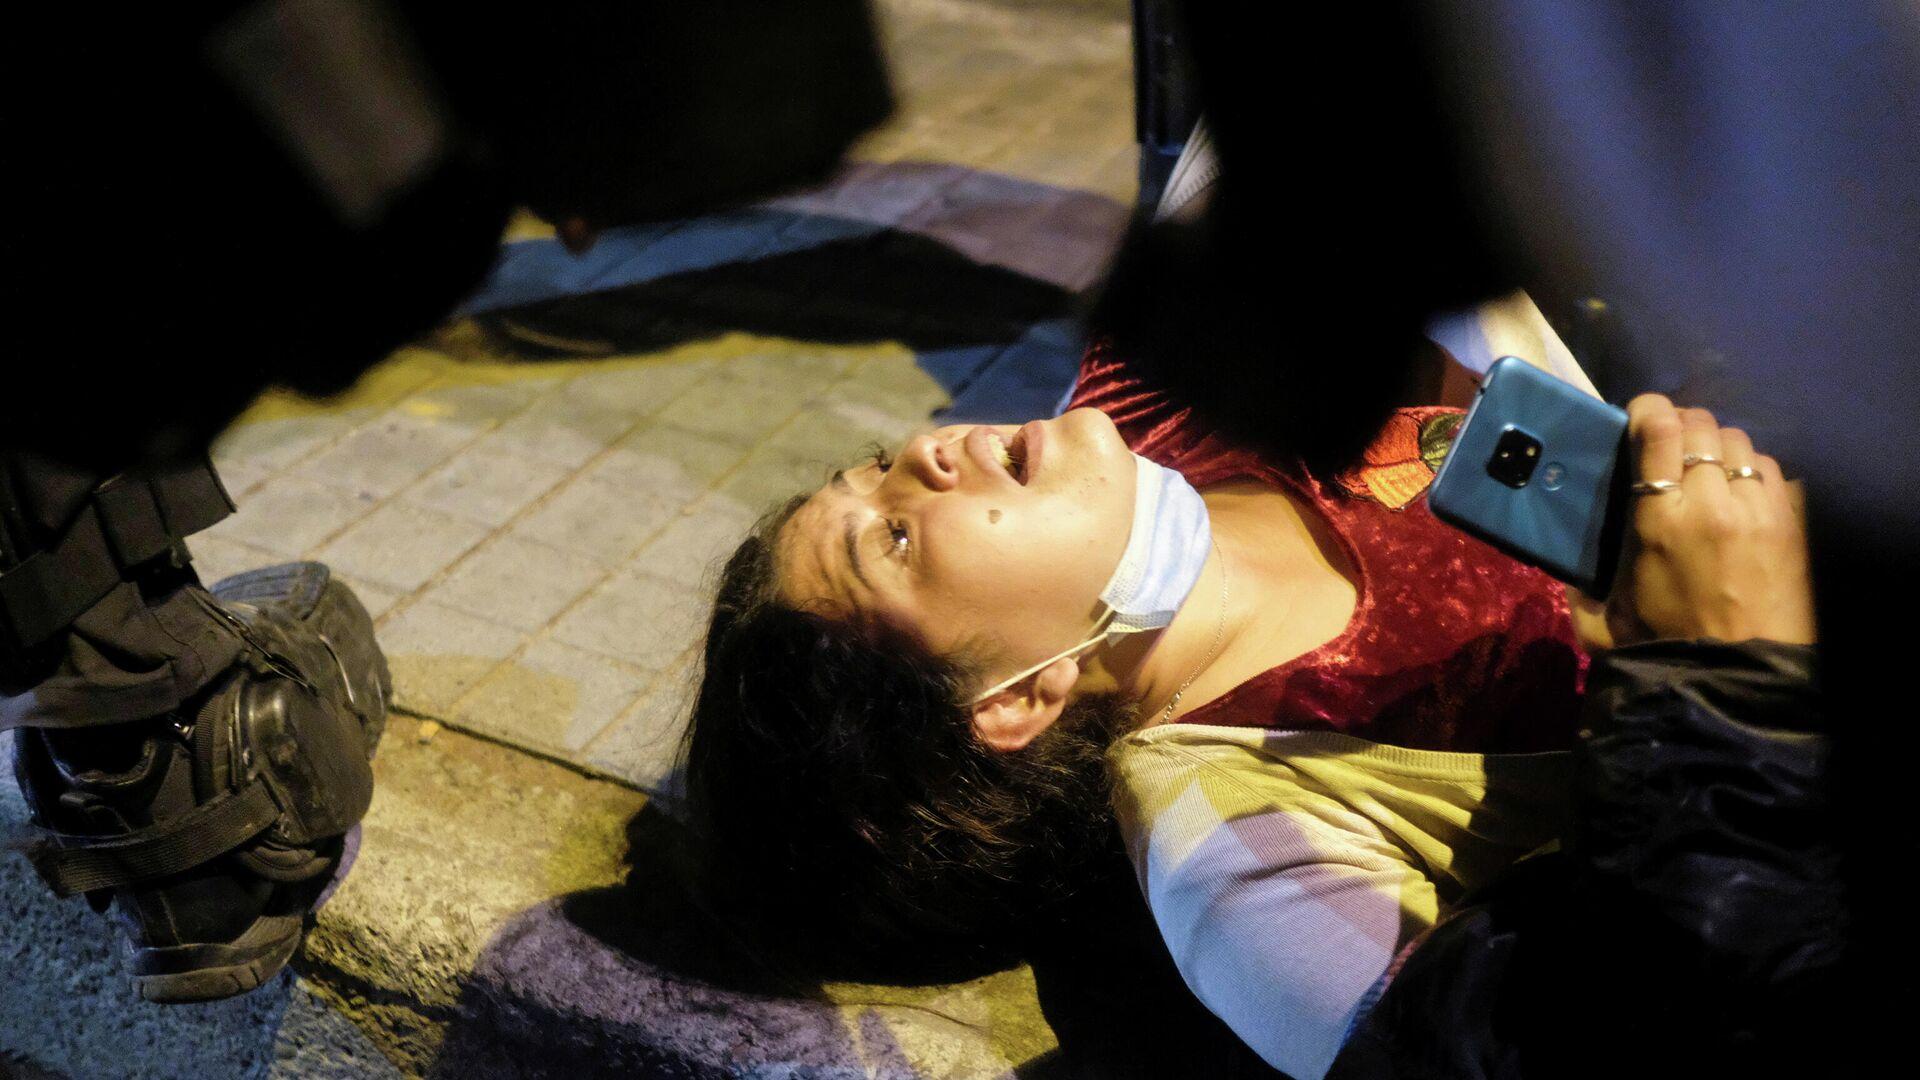 Una manifestante se cayó al suelo durante las protestas en Bogotá - Sputnik Mundo, 1920, 27.05.2021